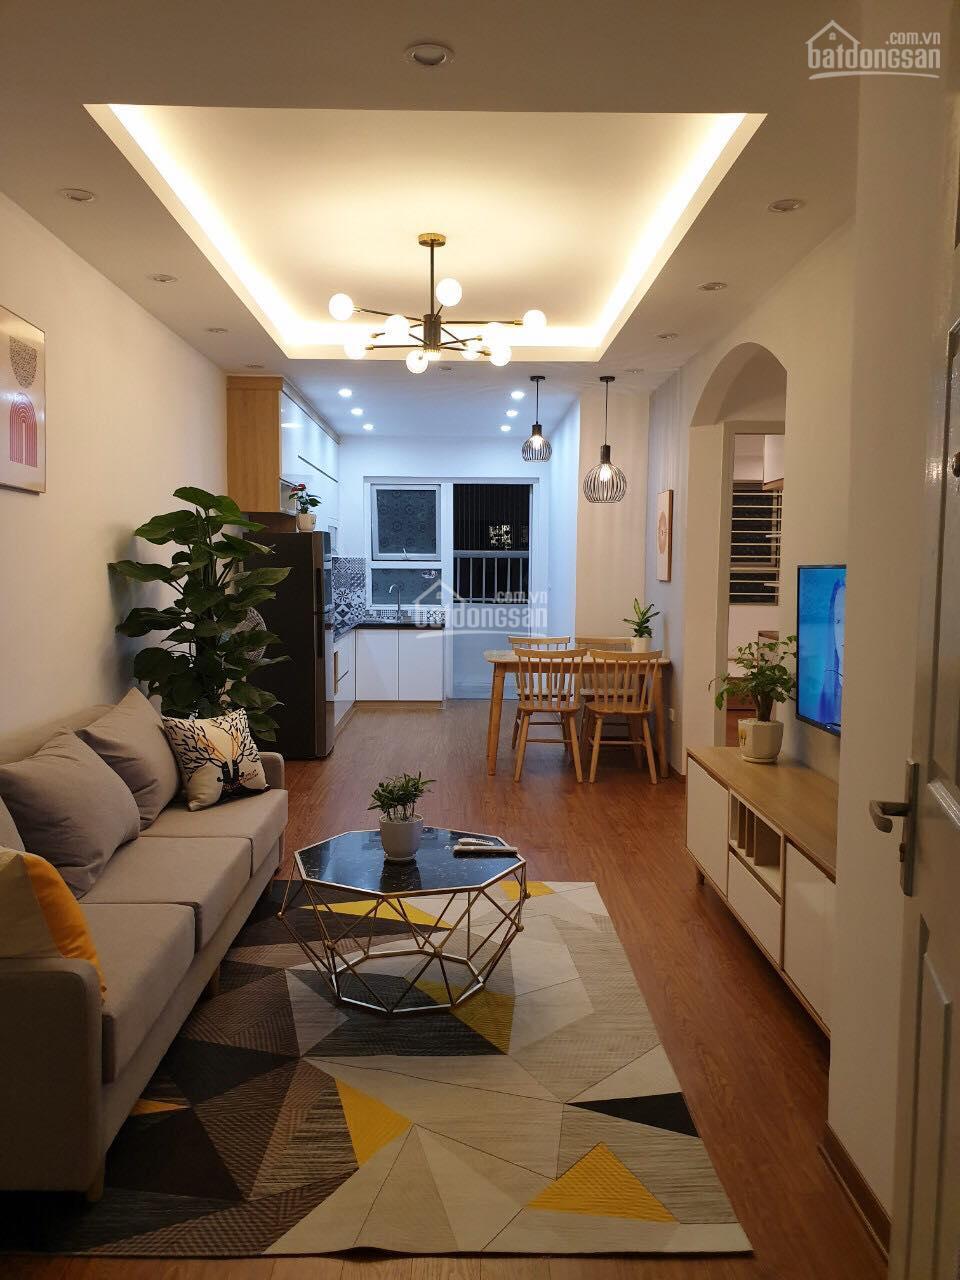 Cần bán gấp căn hộ 2PN giá 960tr HH1 đầy đủ nội thất, còn gói vay 450tr, LH Mrs Hoa 0915057768